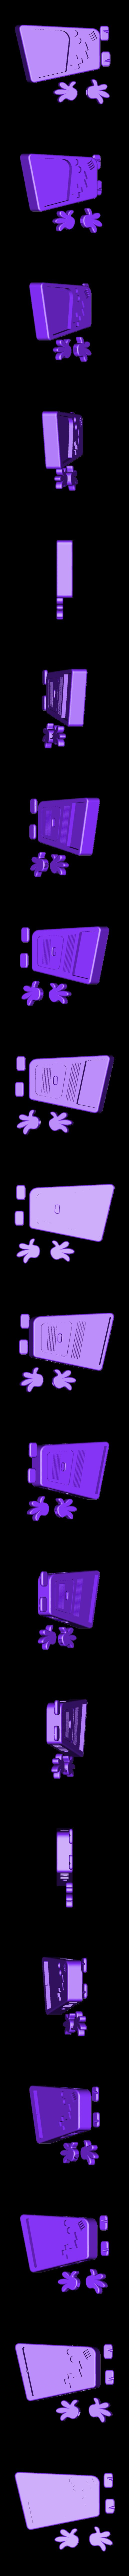 White - Parts.stl Télécharger fichier STL Jouer à Gary - Imprimer un Toons • Modèle à imprimer en 3D, neil3dprints